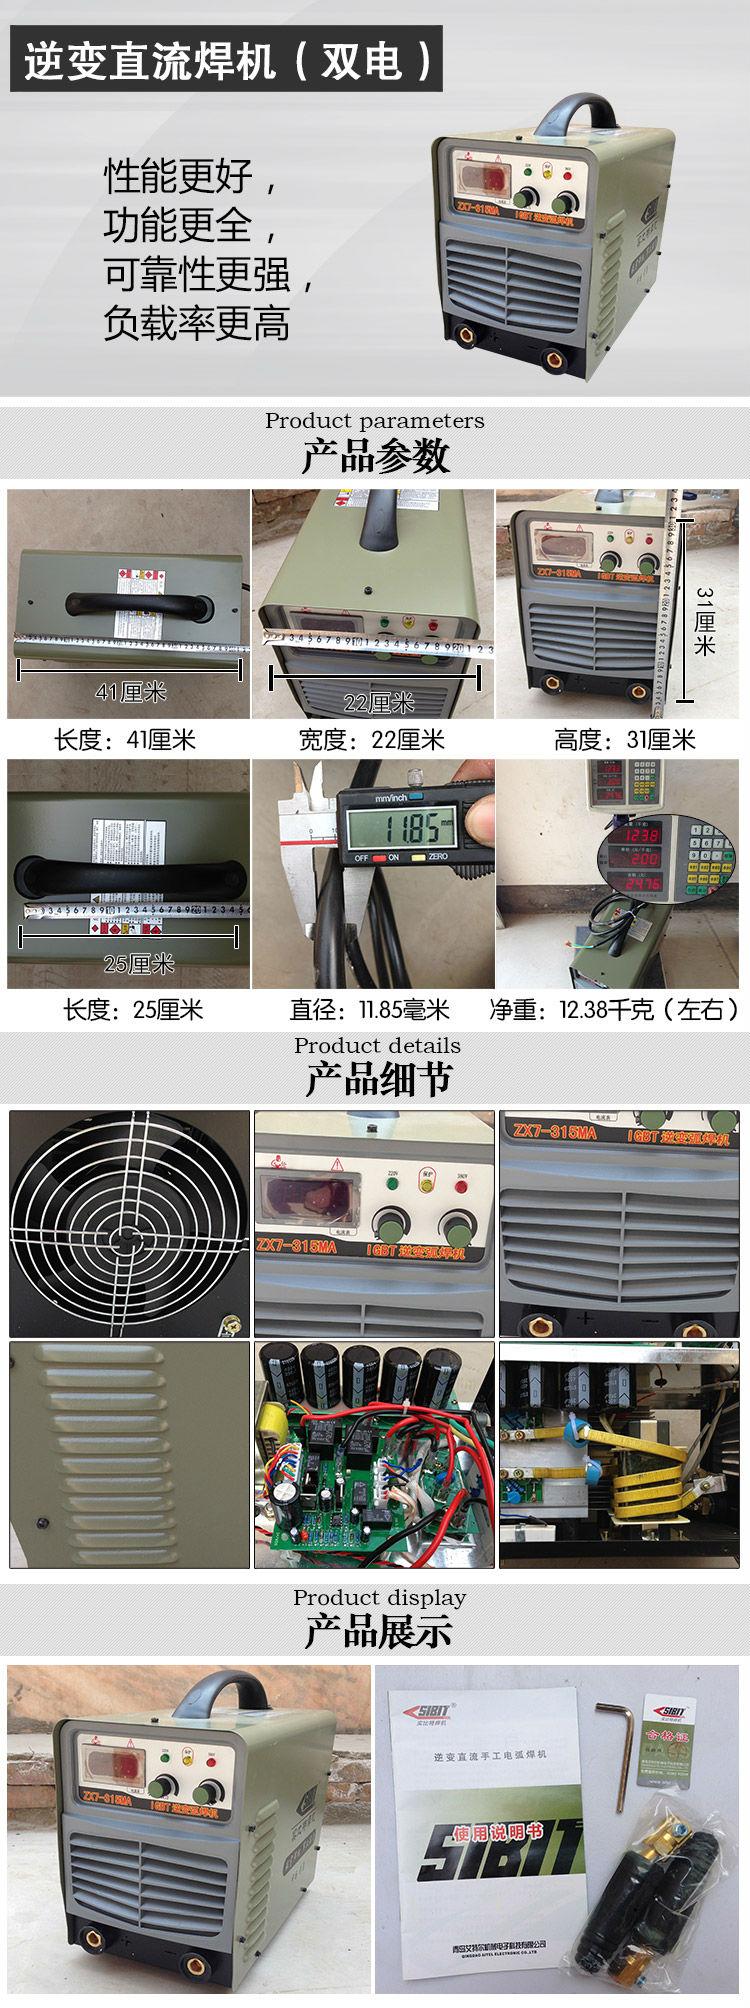 z-315ma实比特逆变直流焊机(双电)